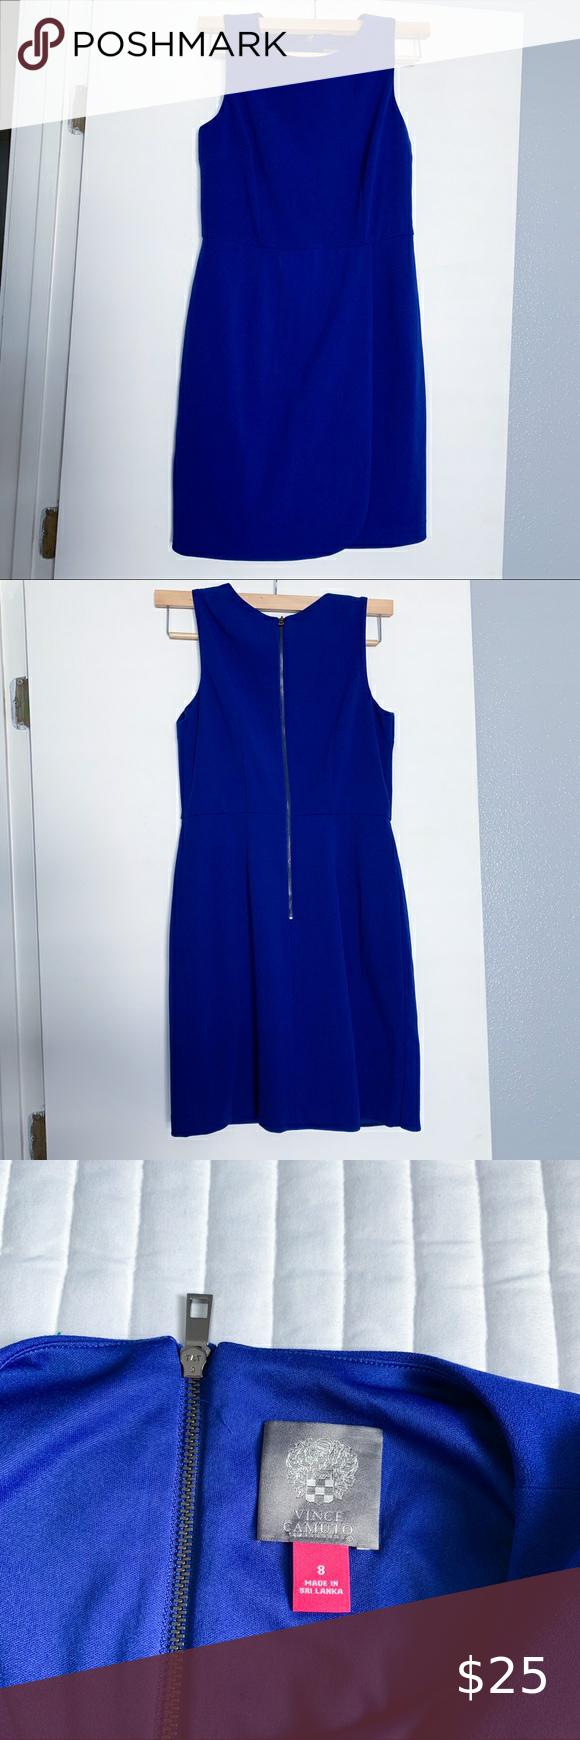 Vince Camuto Blue Dress Vince Camuto Blue Dress Size 8 Business Wear Work Dress Vince Camuto Dresses Clothes Design Blue Dresses Fashion [ 1740 x 580 Pixel ]